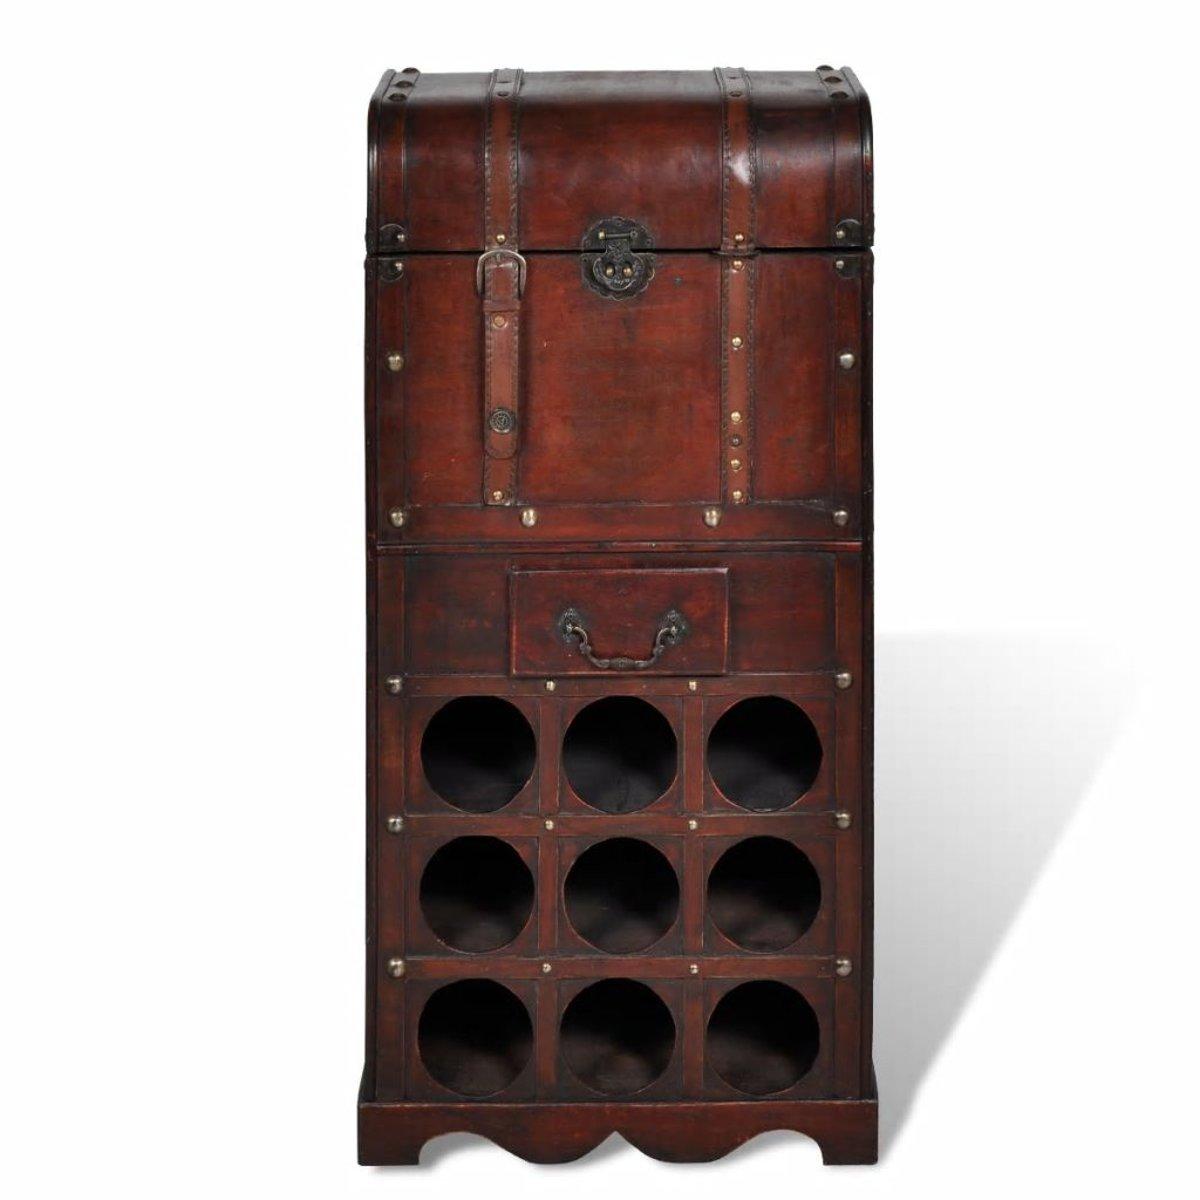 Wonderbaarlijk bol.com | vidaXL - Wijnrek Houten wijnrek voor 9 flessen met BM-98